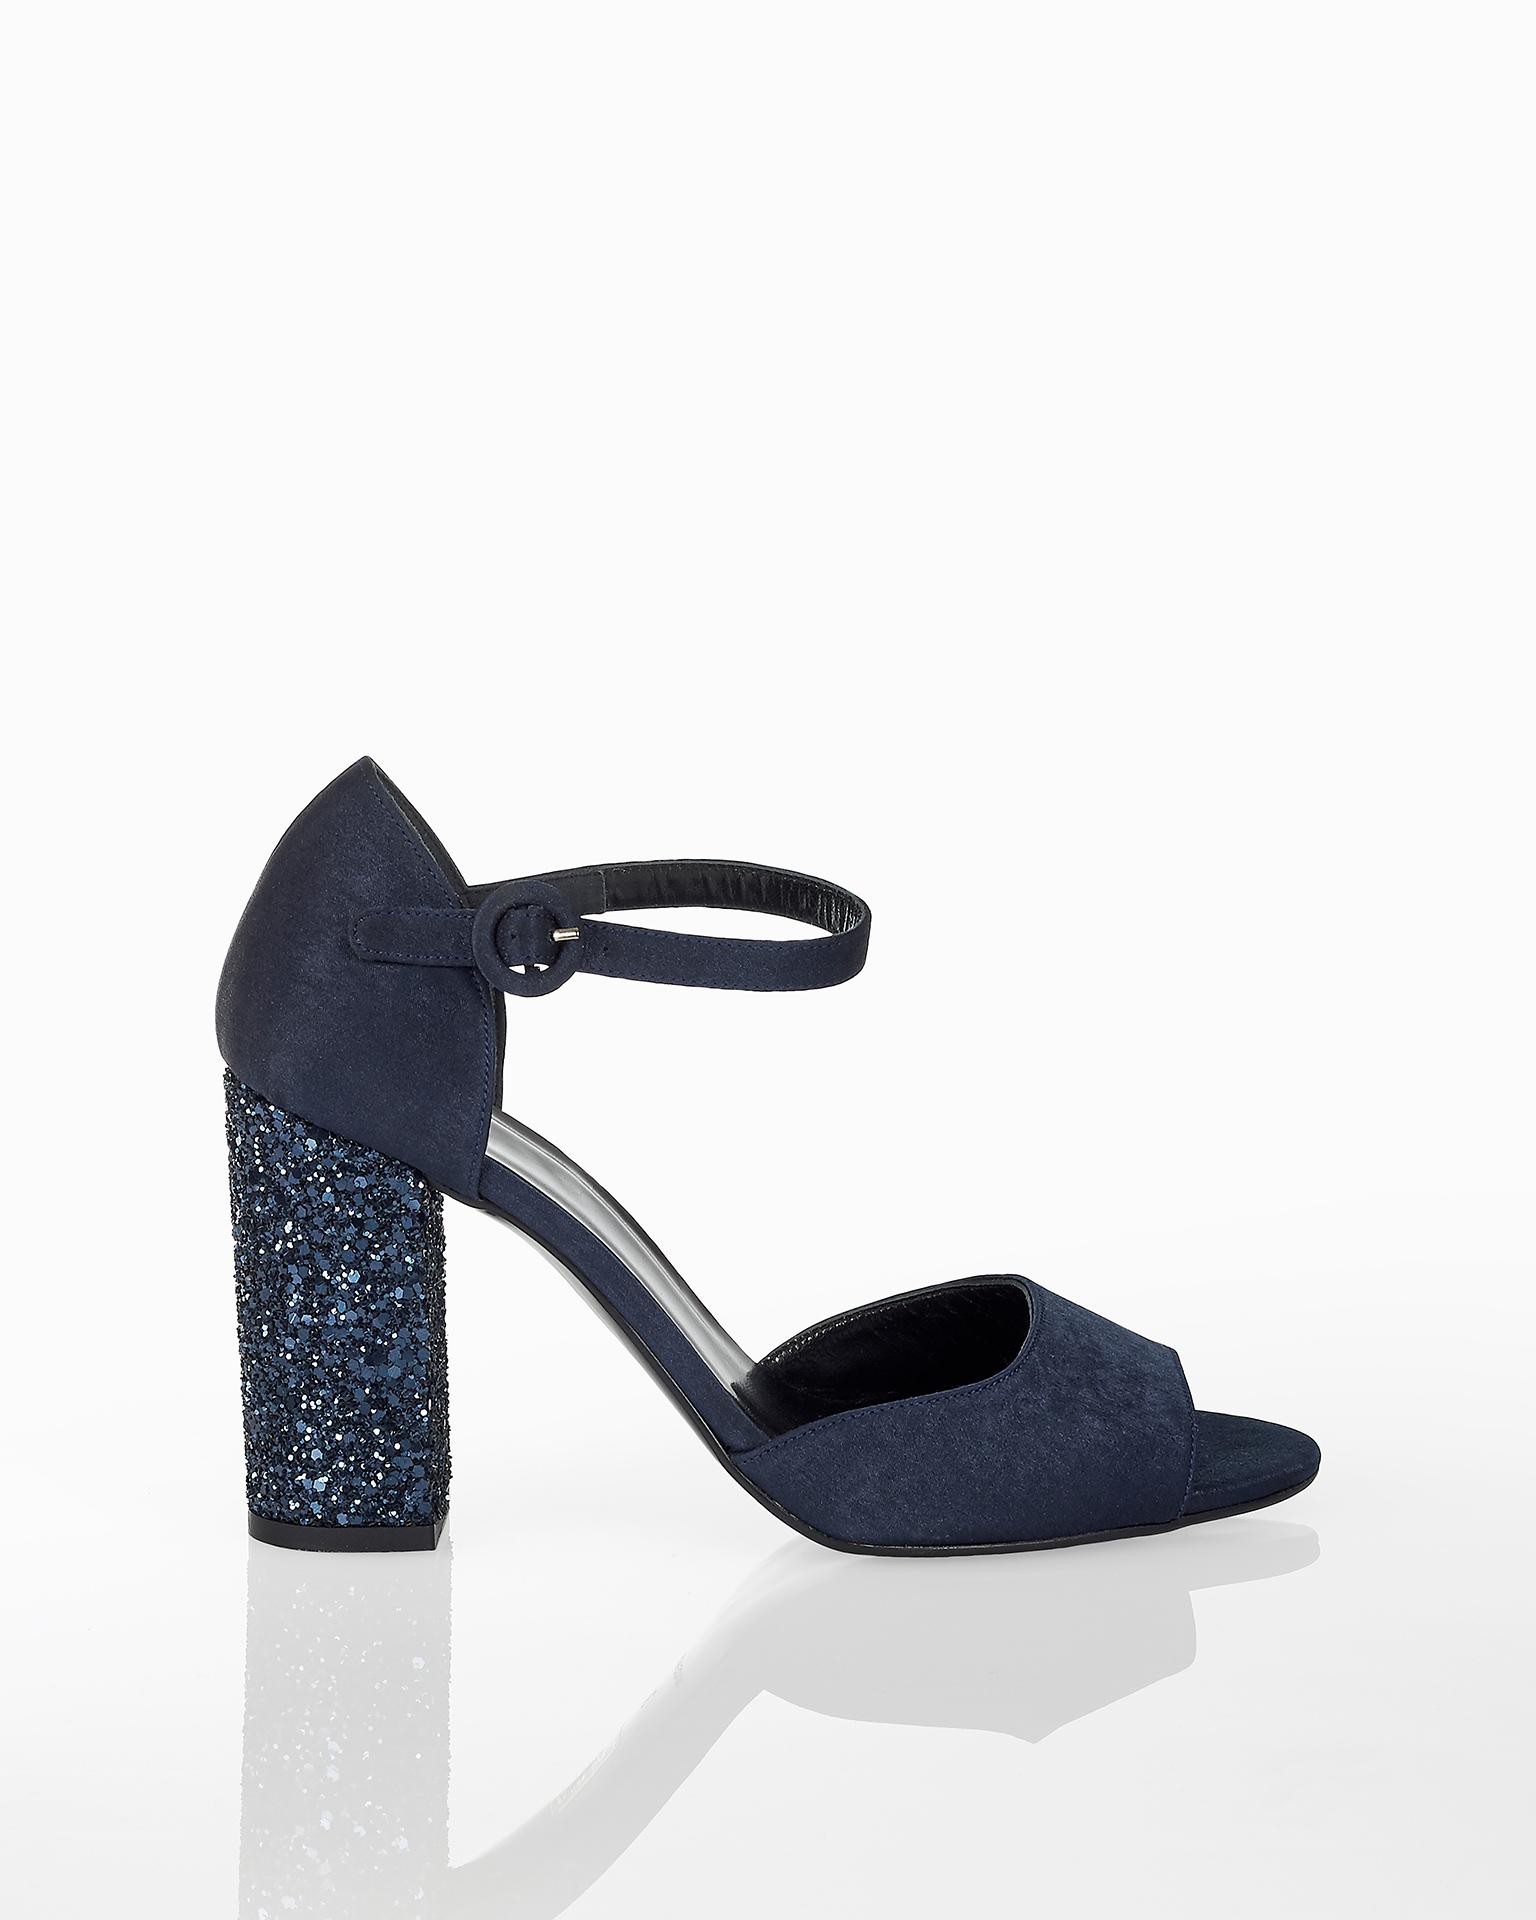 Cocktail-Sandalette aus Satin mit mittelhohem Glitter-Absatz und geschlossener Ferse, erhältlich in Marineblau, Bleigrau und Schwarz. Kollektion FIESTA AIRE BARCELONA 2018.